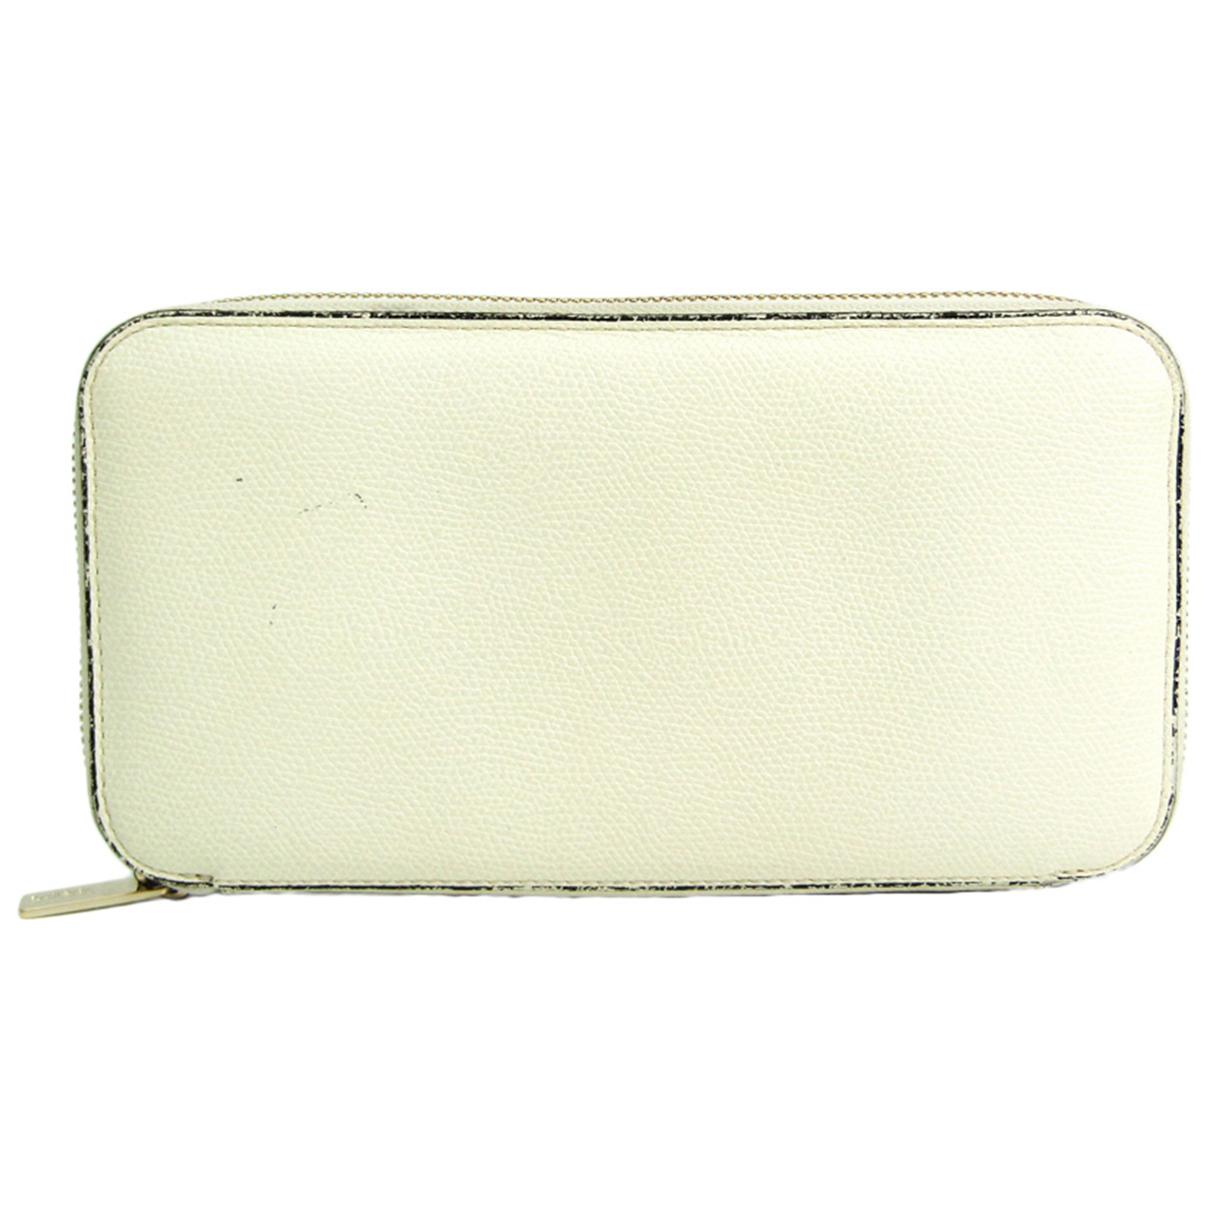 Valextra - Portefeuille   pour femme en cuir - ecru